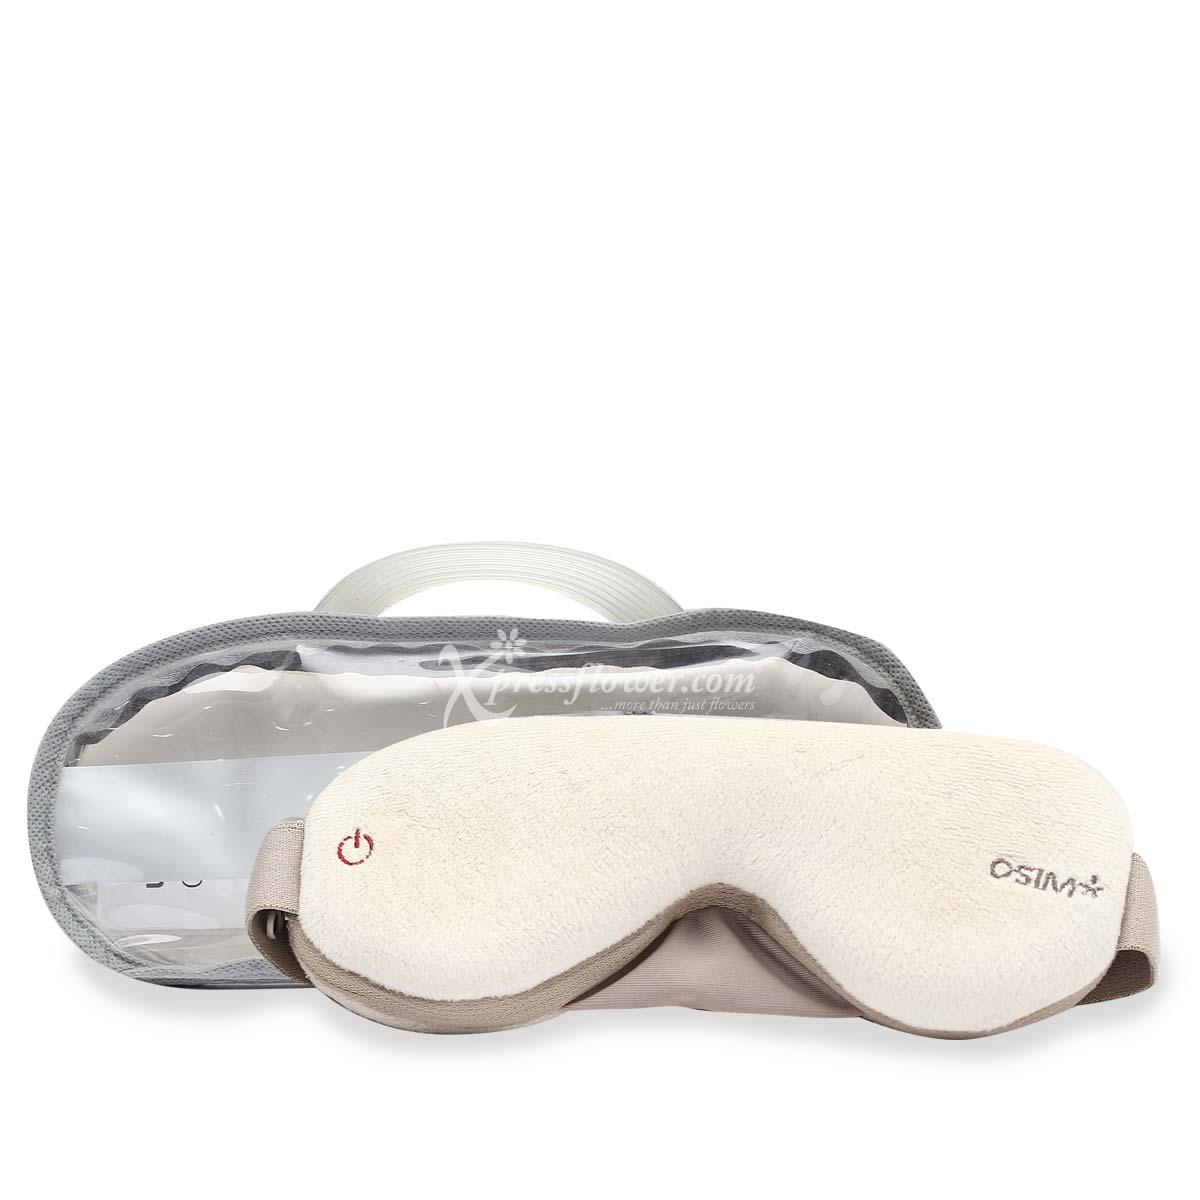 OS1805 uMask Eye Massager